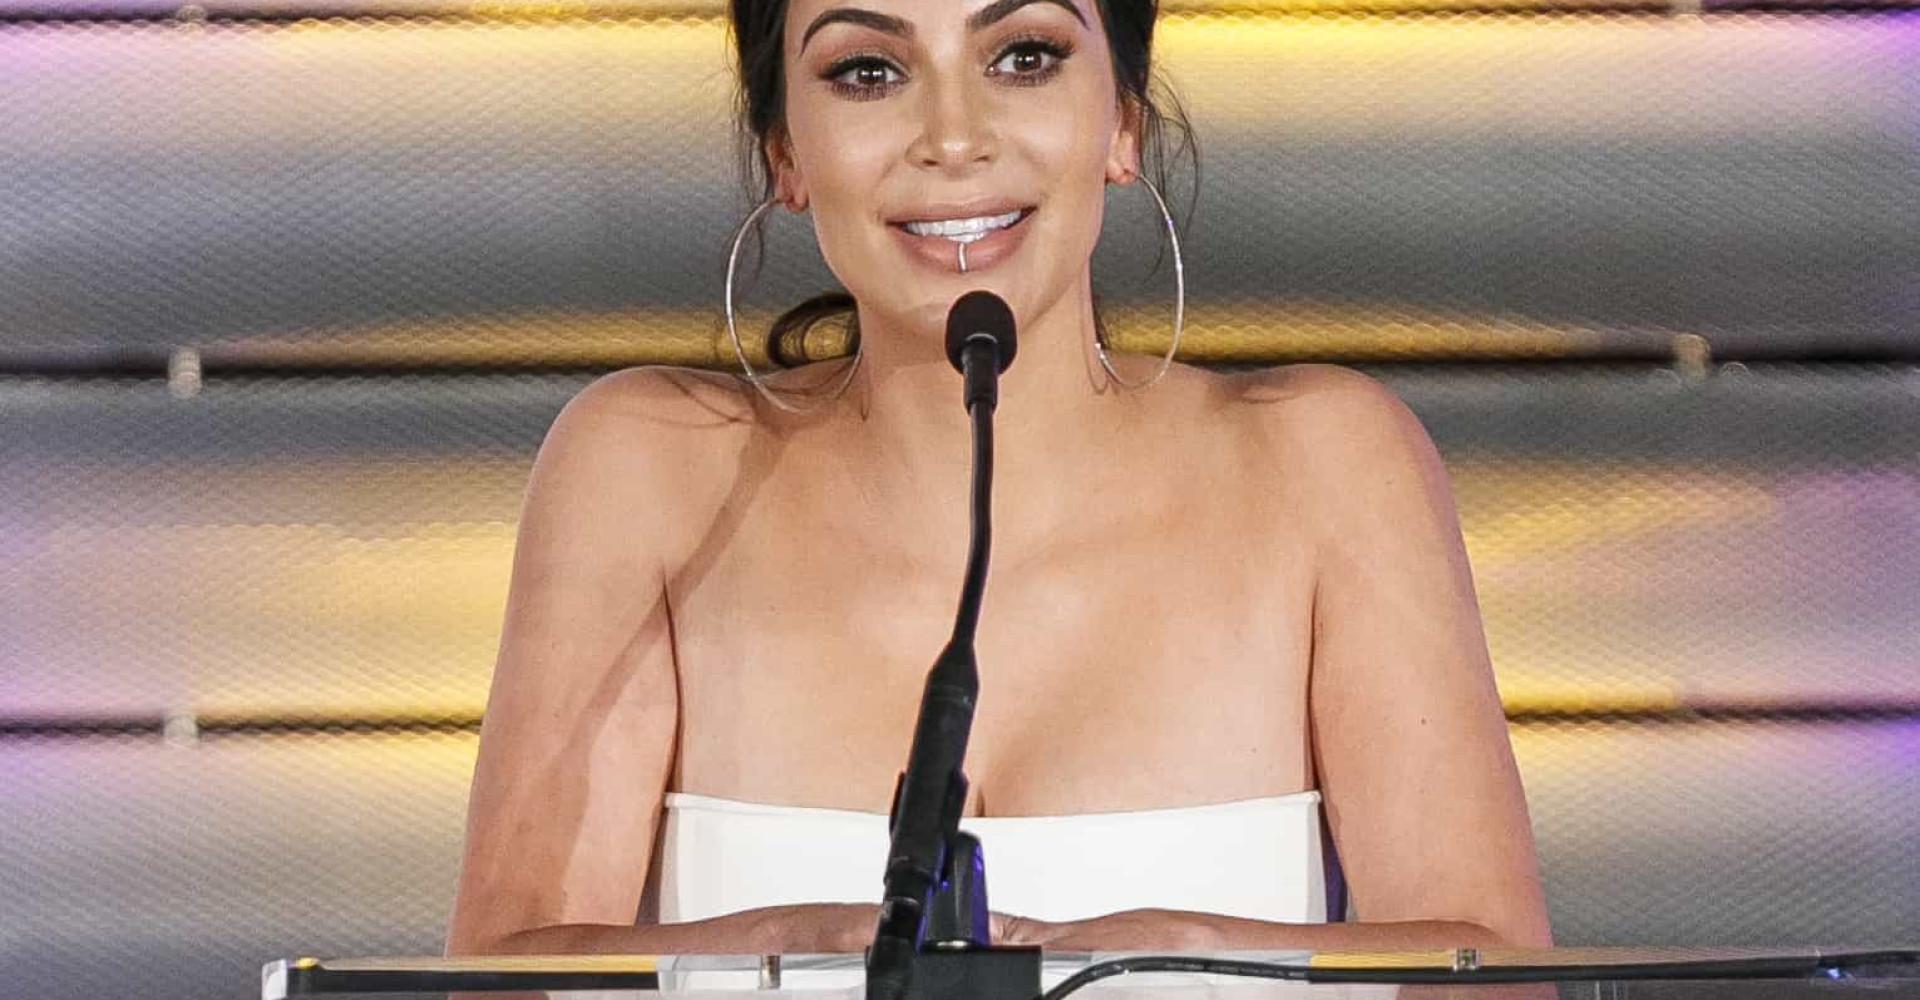 De stijlevolutie van Kim Kardashian